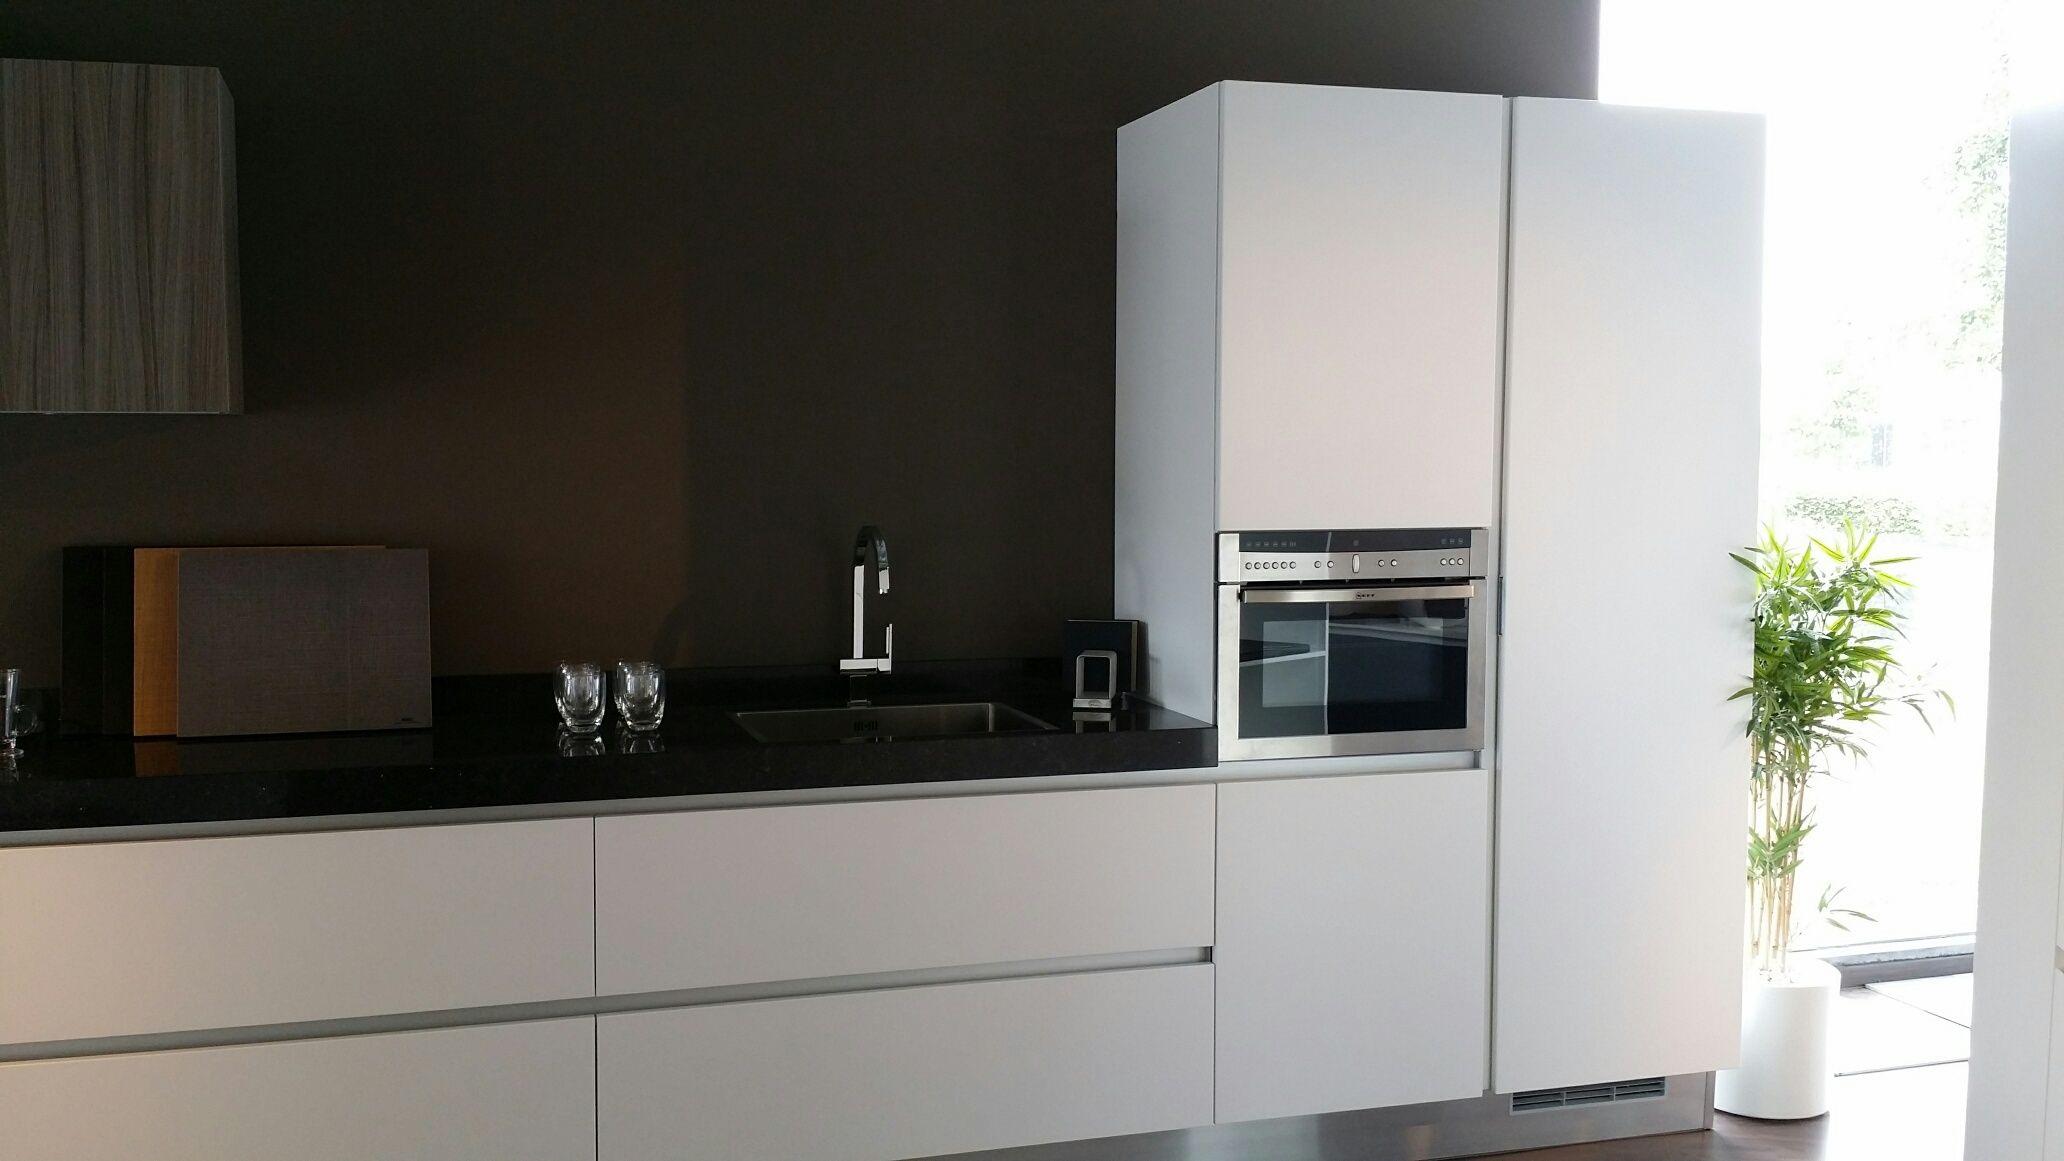 Keuken Greeploos Mat Wit : zeer lage keuken prijzen Aster Cucine model Atelier mat wit [47839